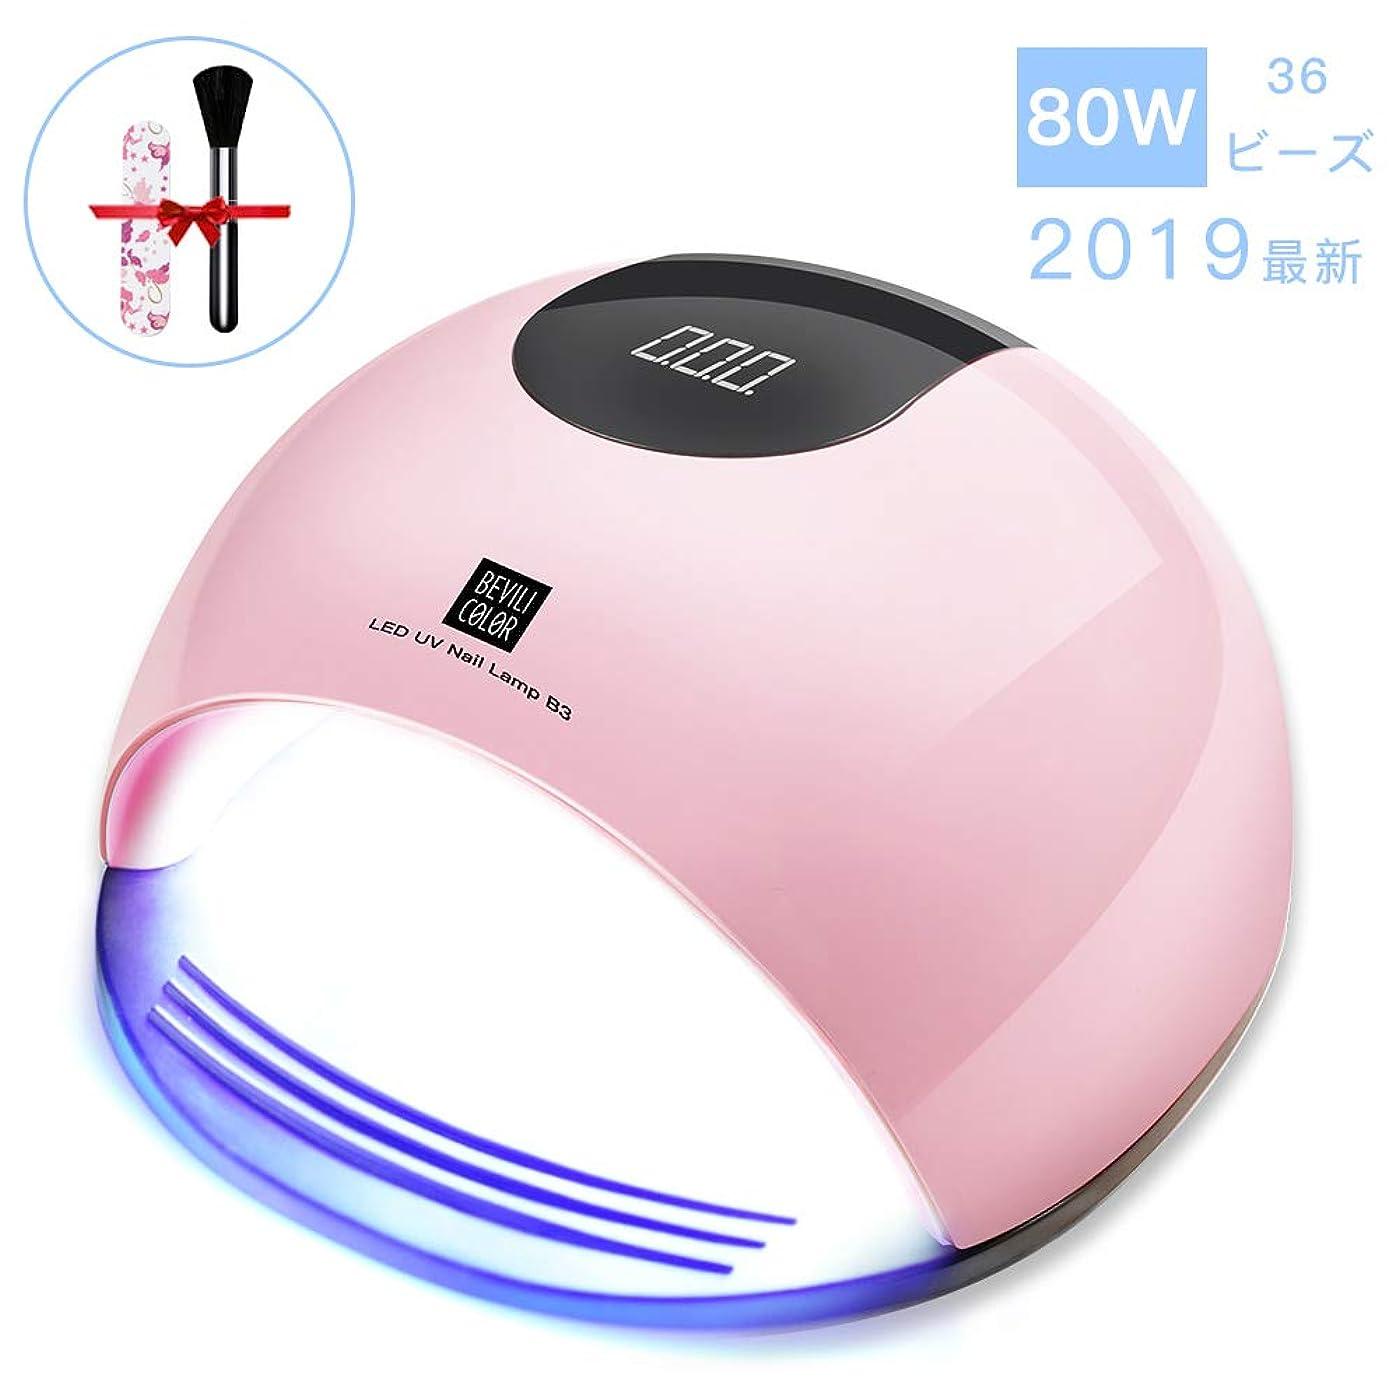 ナット移行かなりのジェルネイル ライトレジン uvライトネイルドライヤー ハンドフット両用 ネイル led ライト80W ハイパワー ジェルネイルライト 肌をケア センサータイマー付き (Pink)